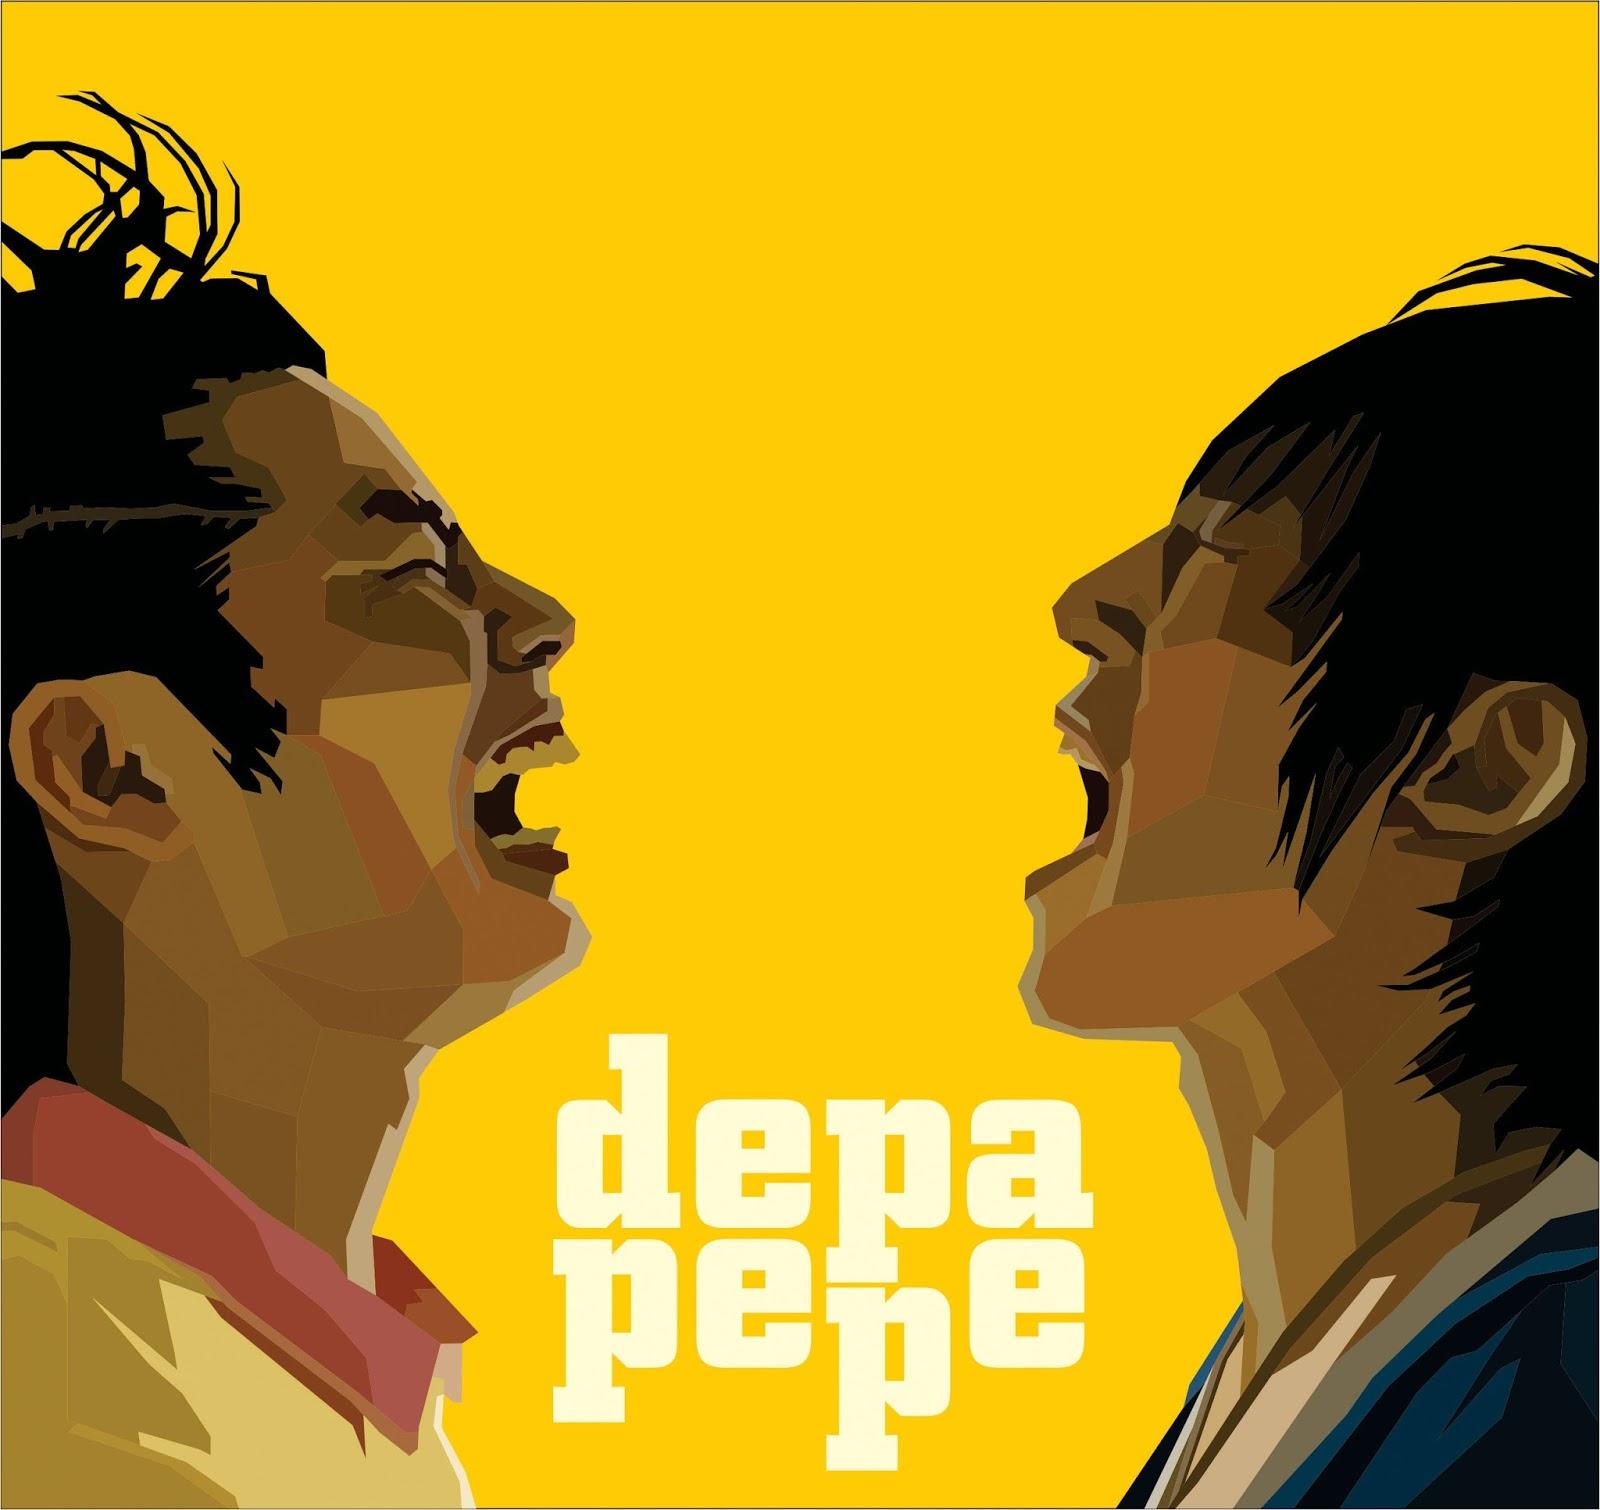 Mengenal Depapepe: Duo Akustik Asal Jepang